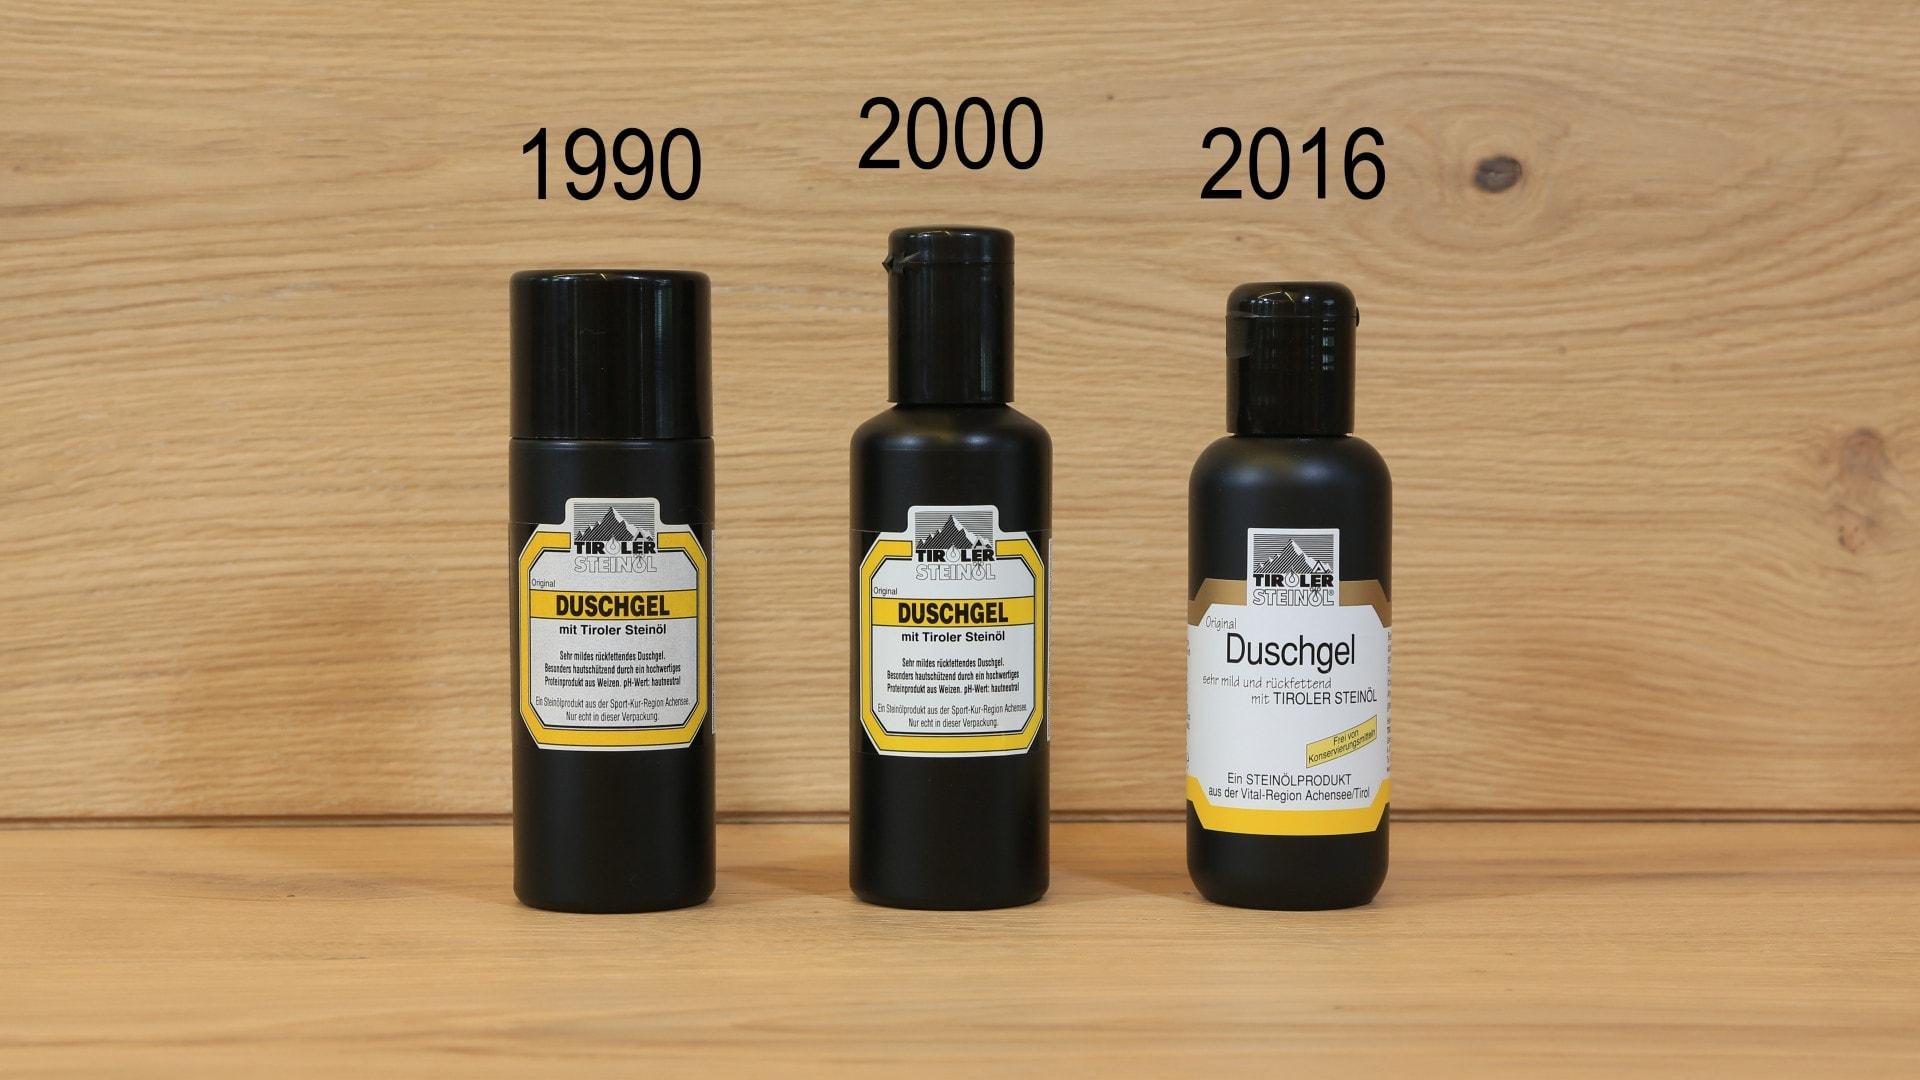 Duschgel 1990 bis 2016